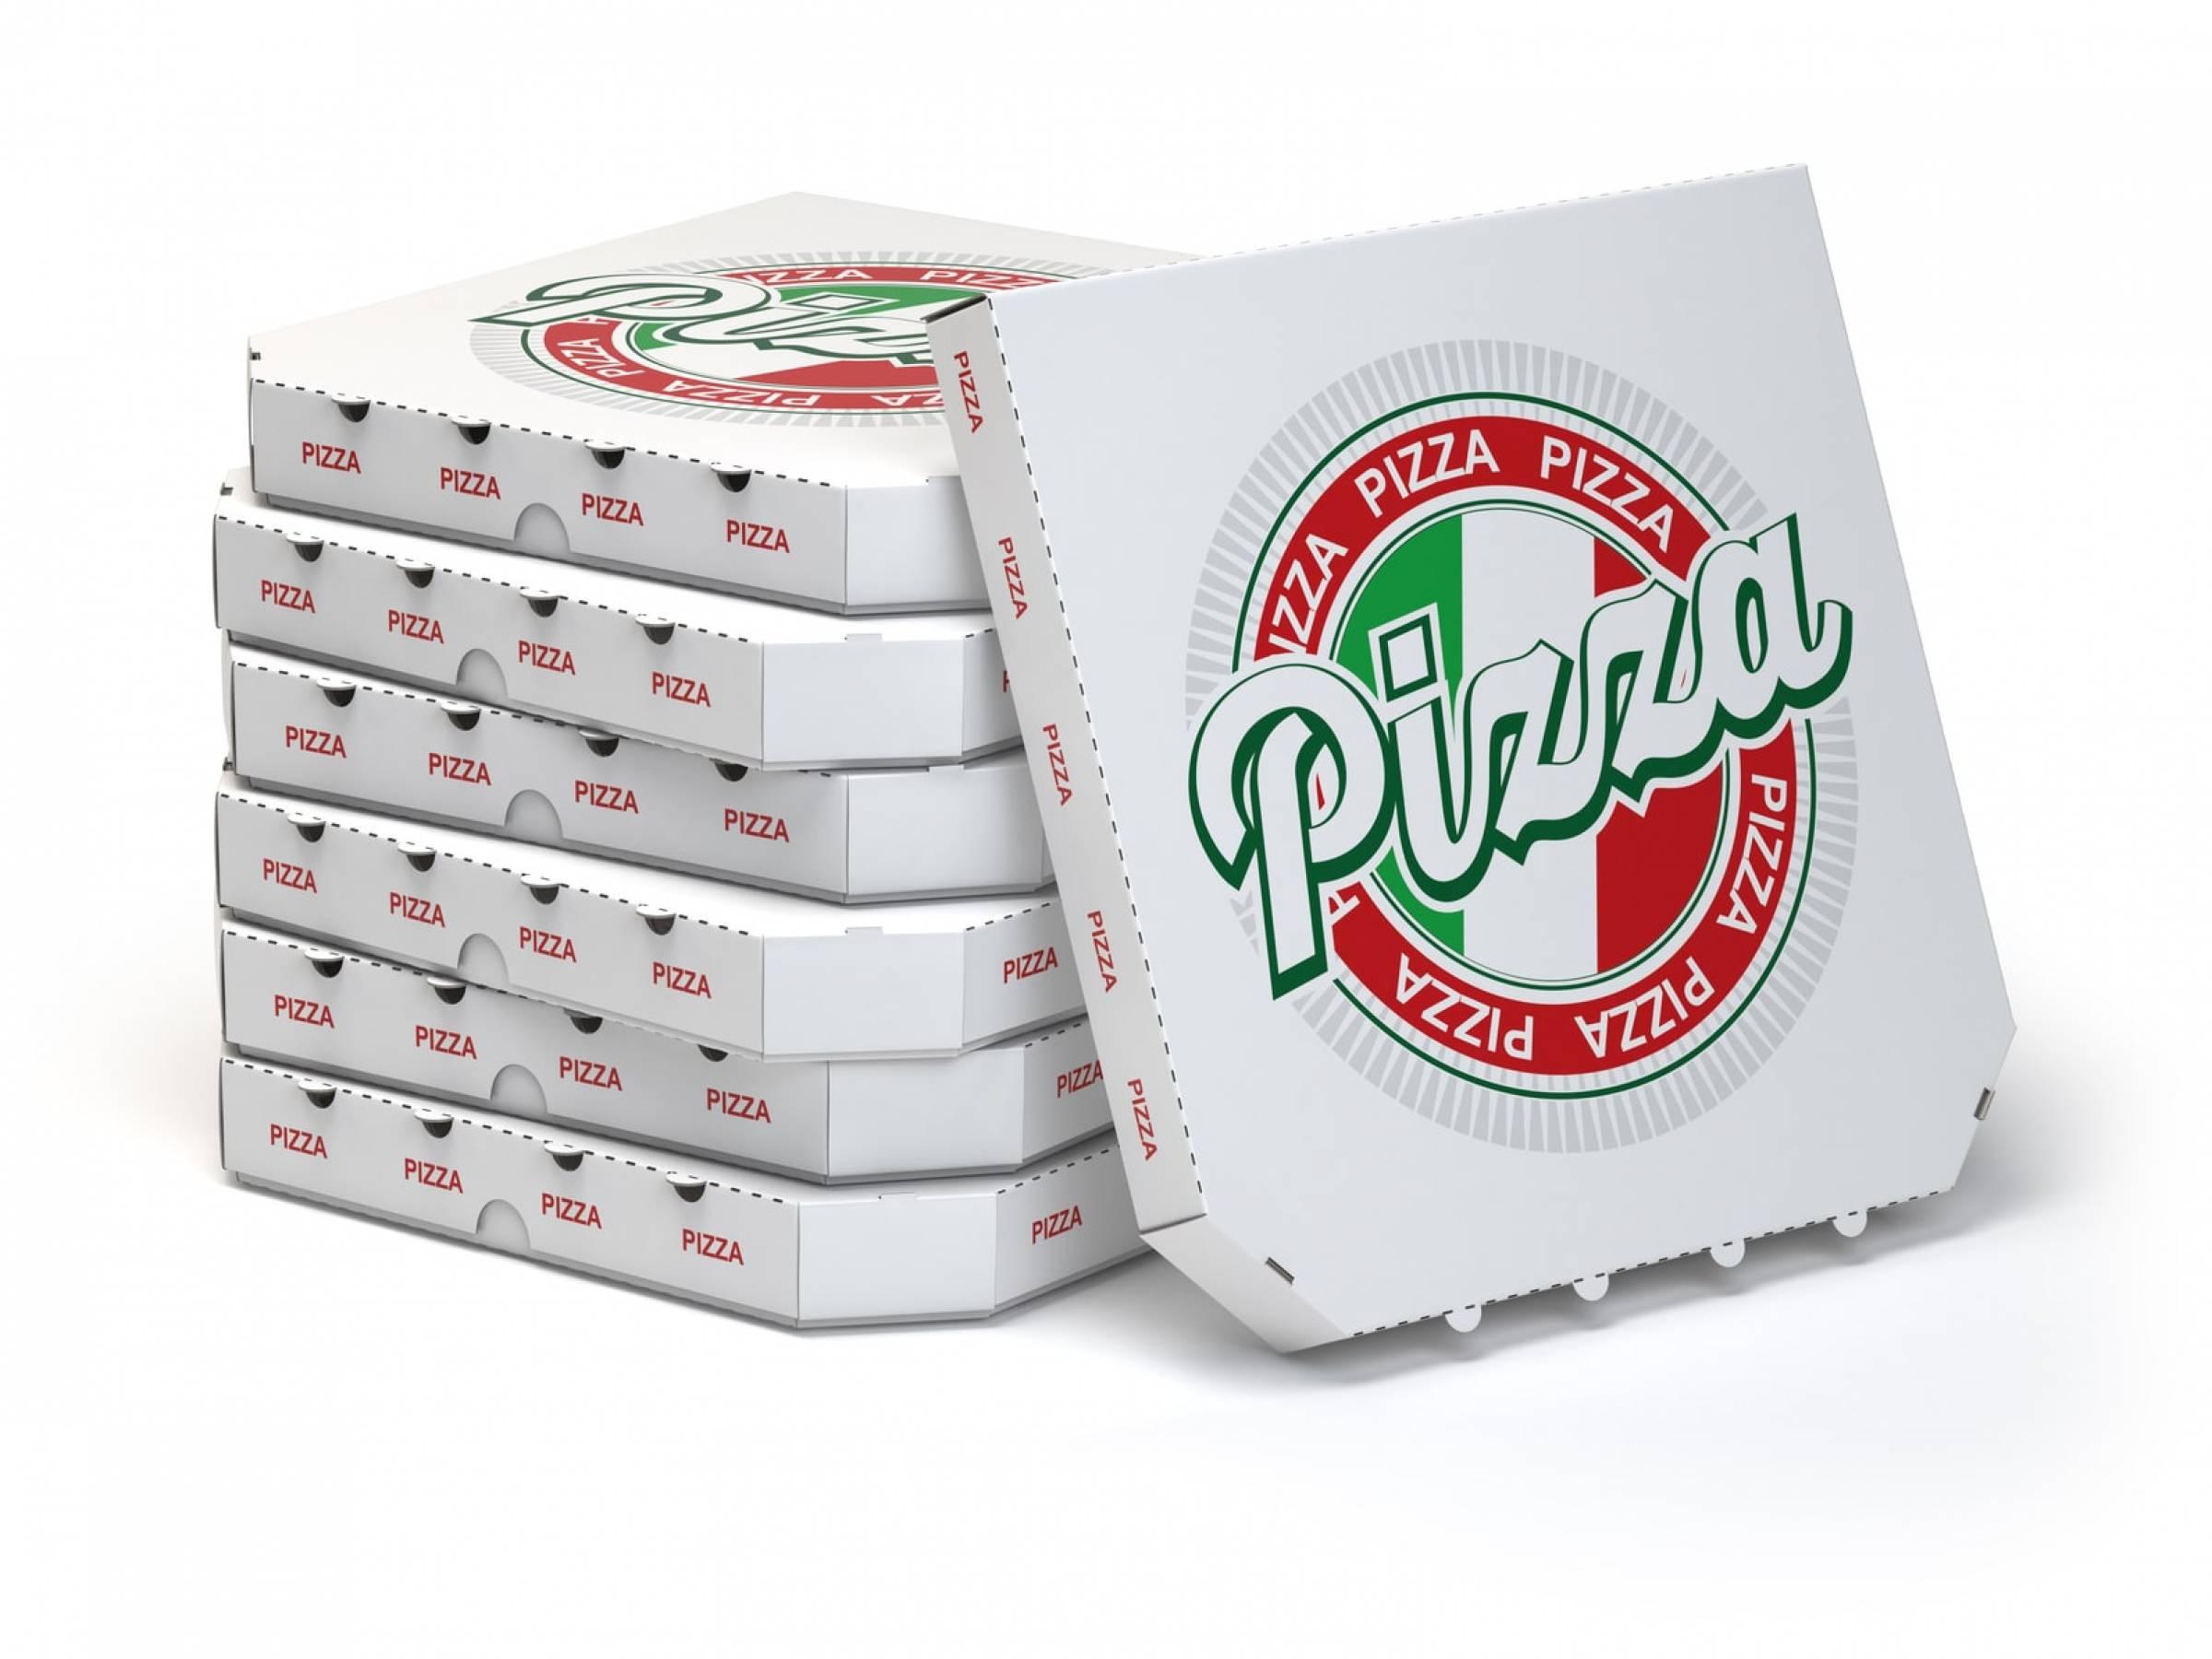 Ohne ihn geht's nicht: der Pizzakarton